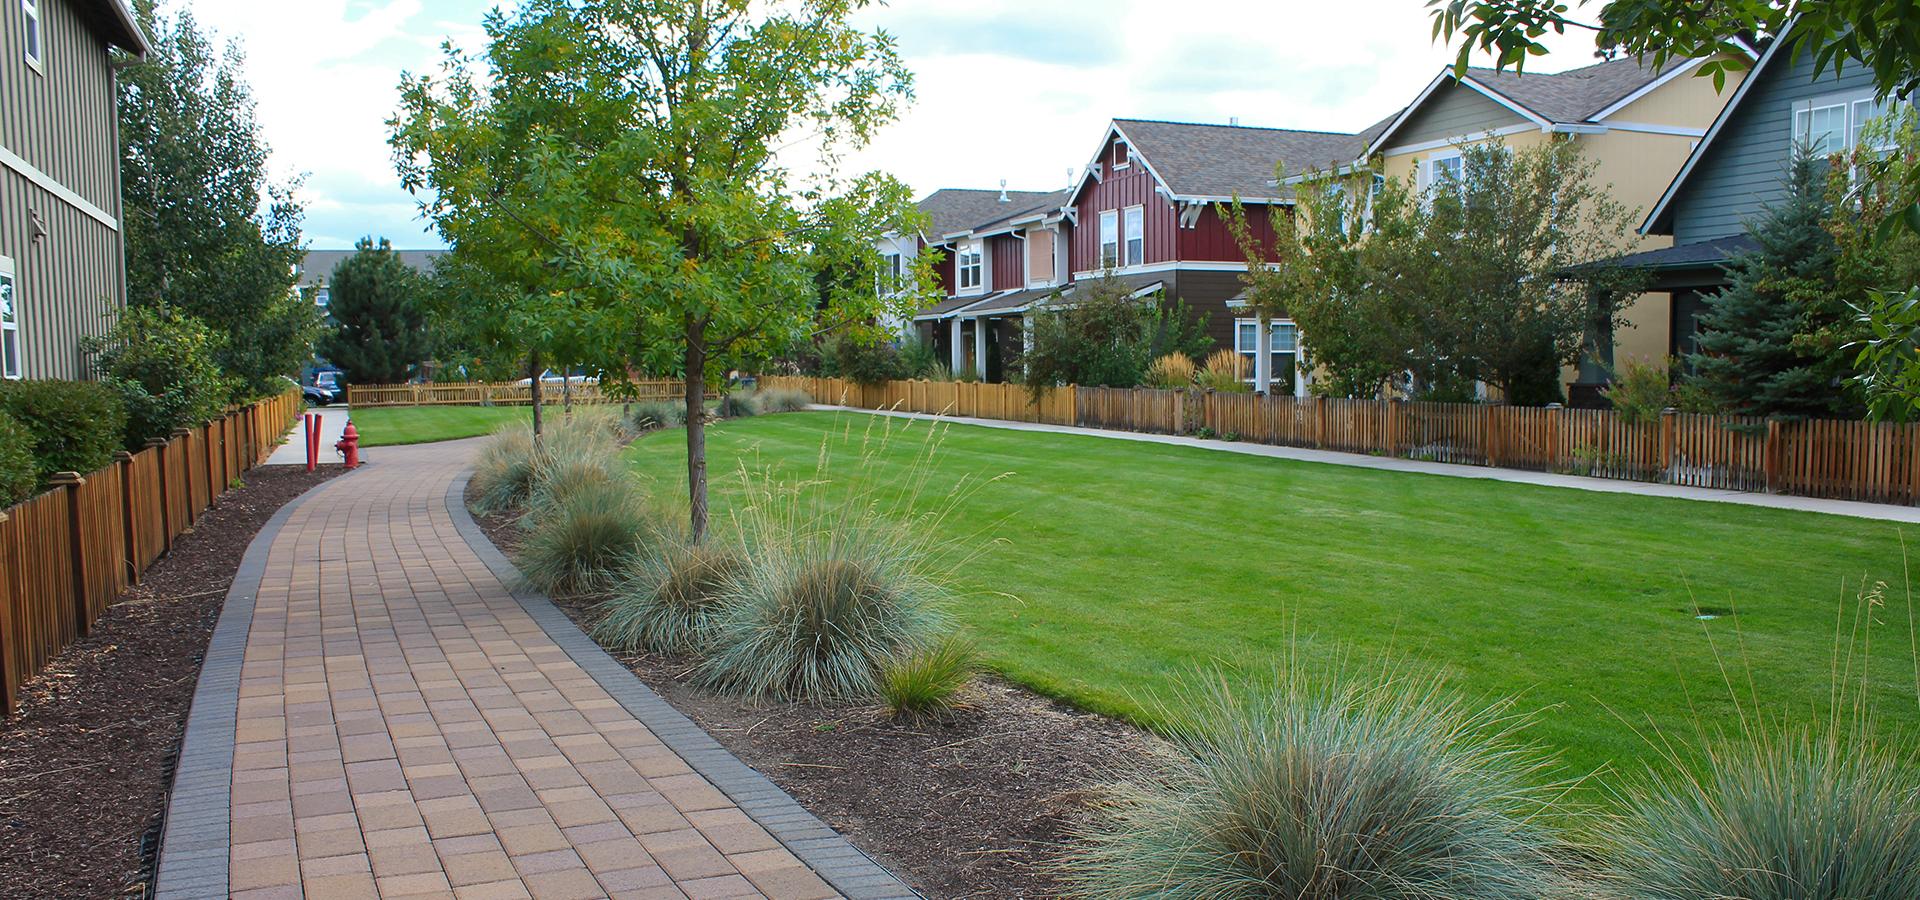 Gardenside-Park-Lawn-Area